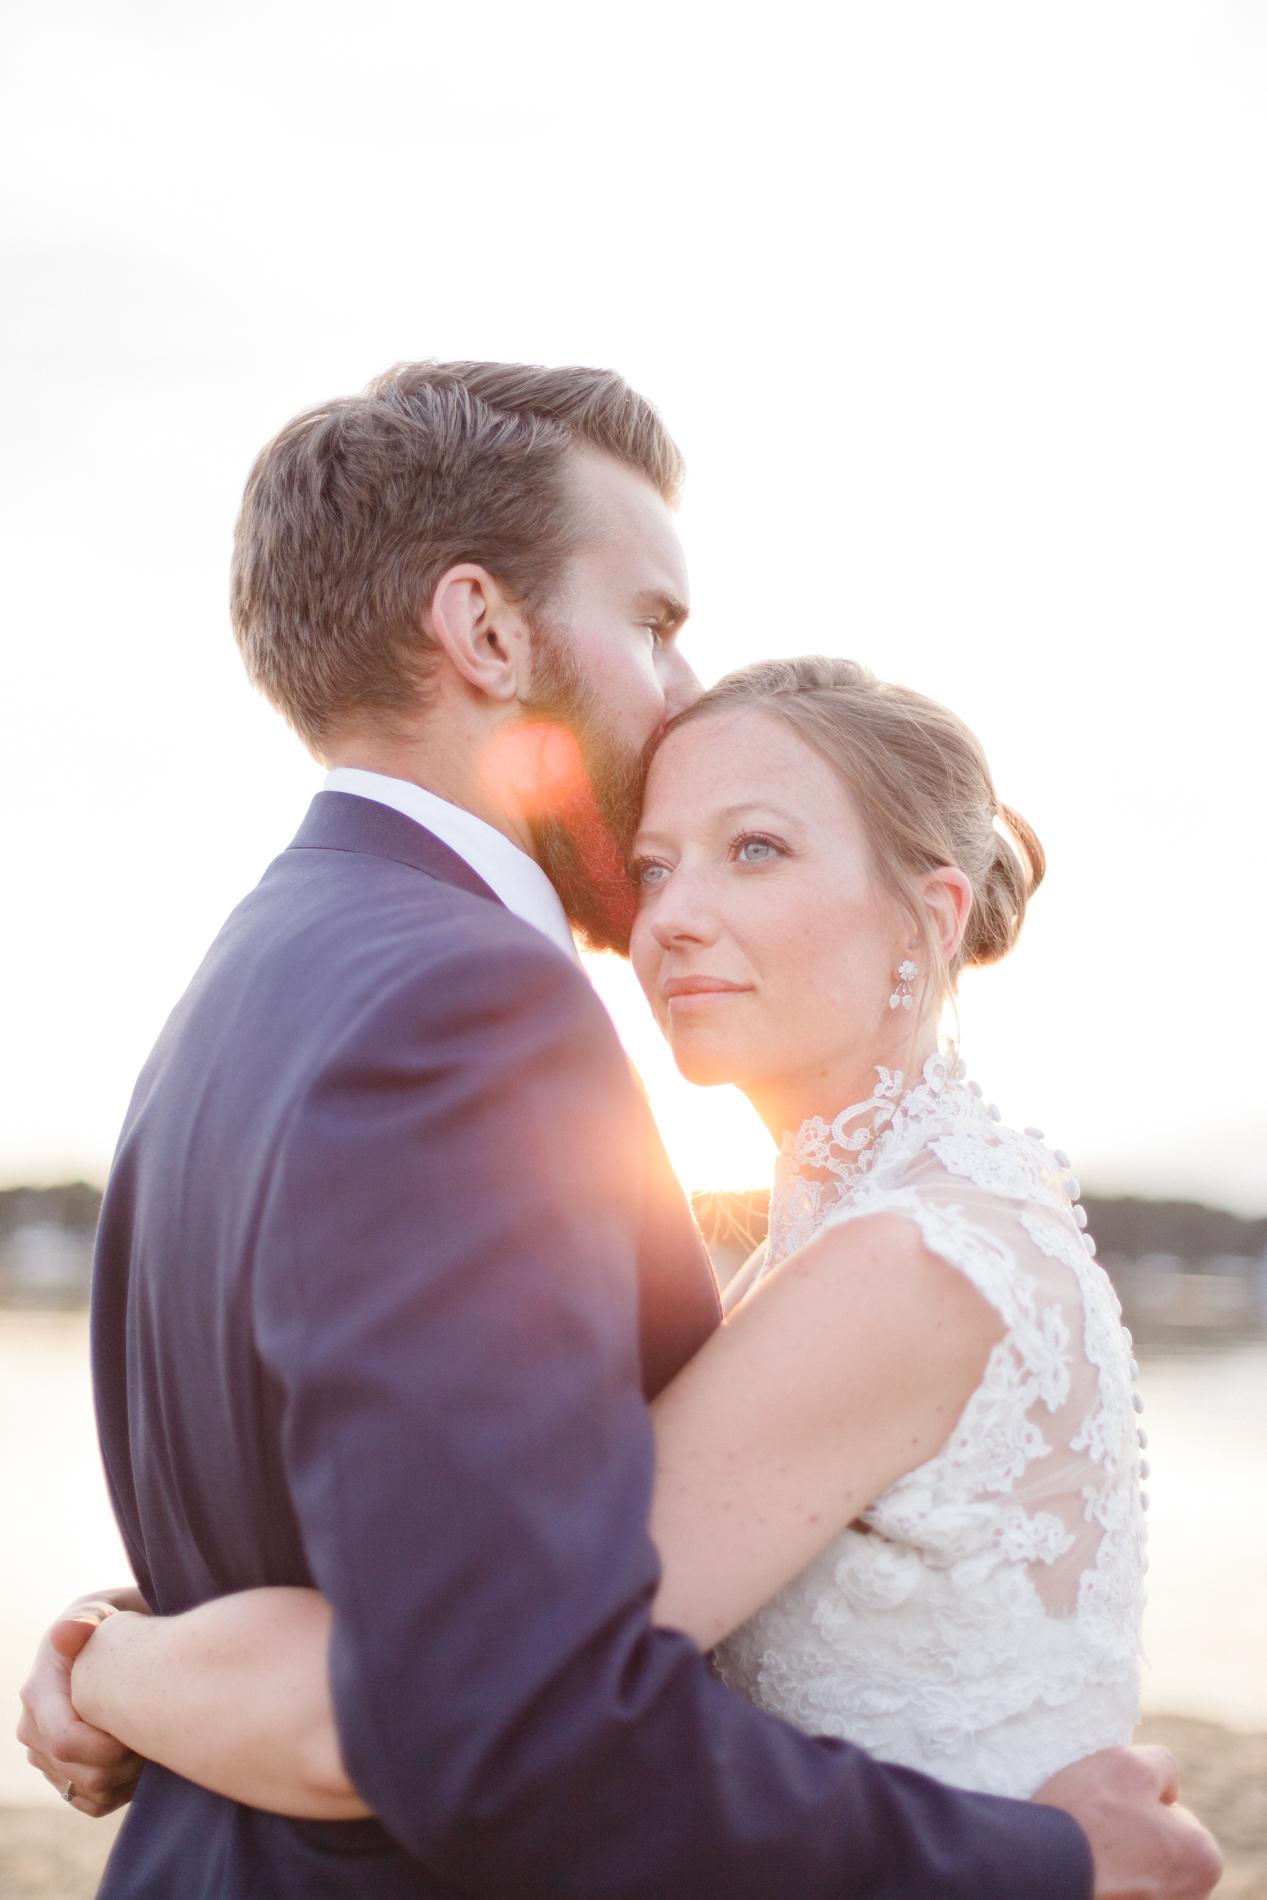 photographe-mariage-bretagne-maria-thomas-94